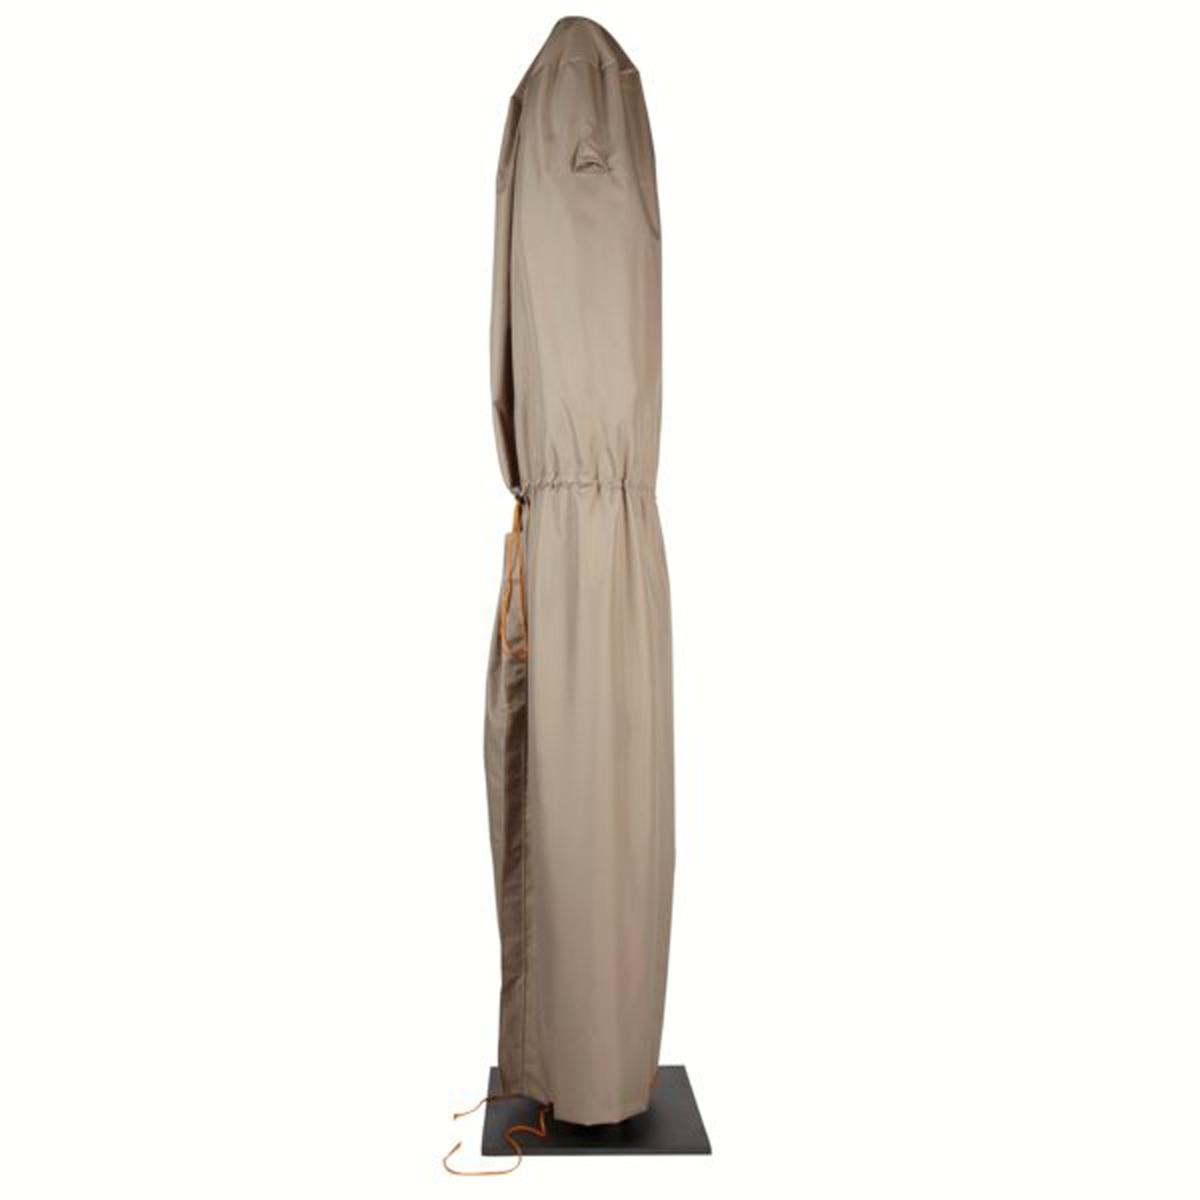 Чехол водонепроницаемый для пляжного зонтаЭтот защитный чехол защитит ваш пляжный зонт от дождя, сырости, птичьего помета и прочих загрязнений . Характеристики защитного чехла для пляжного зонта :- Чехол 100% полиэстера, 100% водонепроницаемый, с водоотталкивающим эффектом, устойчивый к УФ-лучам  .- Чехол из материала ПВХ .Описание защитного чехла для пляжного зонта  :- Специальная система отведения влаги popup, не позволяющая скапливаться воде на чехле .- Воздуховоды позволяют избежать появления конденсации и плесени  .- Затягиваемый шнурок с ограничителем .- Отверстия по всей длине чехла .- Крепления на липучке для надежной фиксации чехла .Размеры  : - 60 x 240 x 70 см .<br><br>Цвет: бежевый